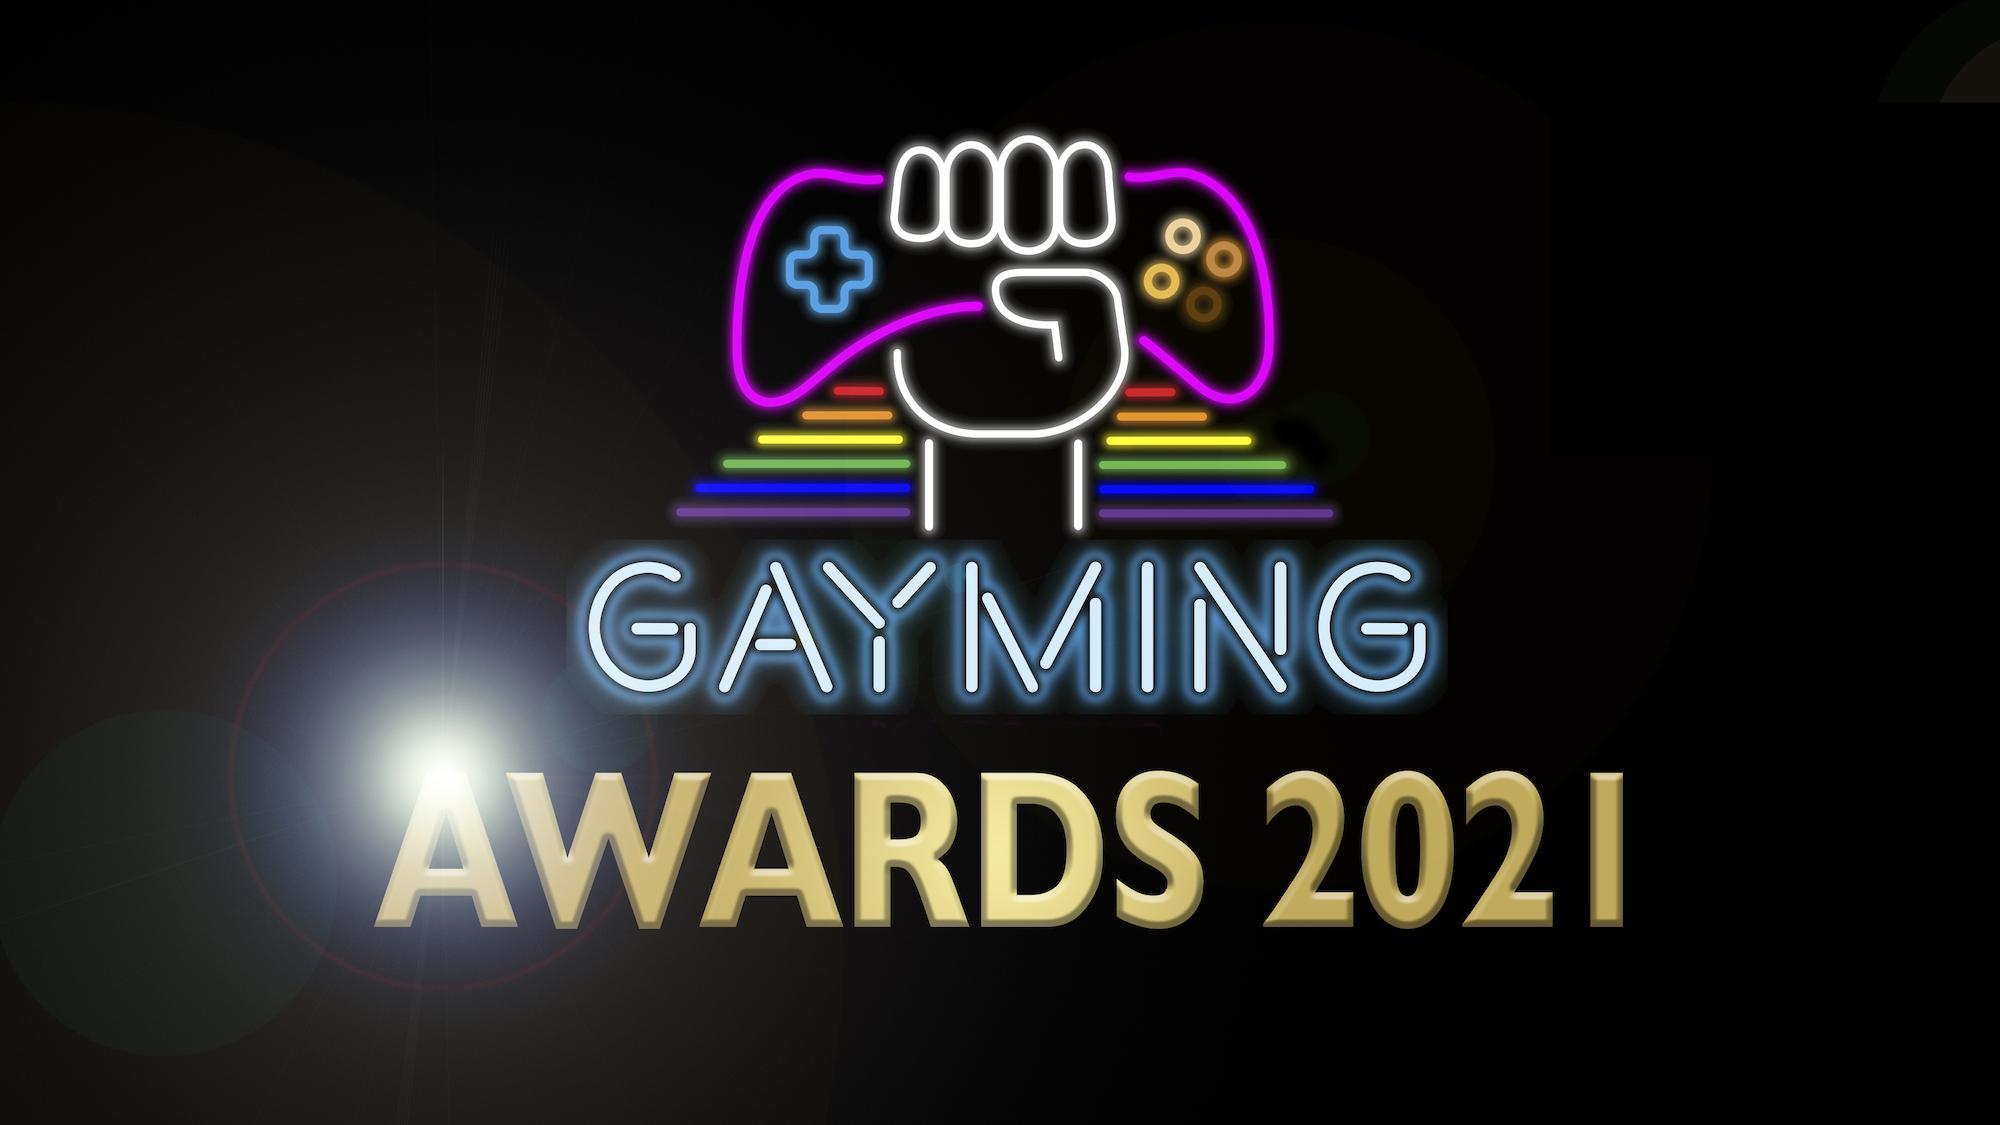 Gayming Awards 2021: Анонсирована первая церемония вручения наград, полностью посвященная видеоиграм с ЛГБТ-тематикой